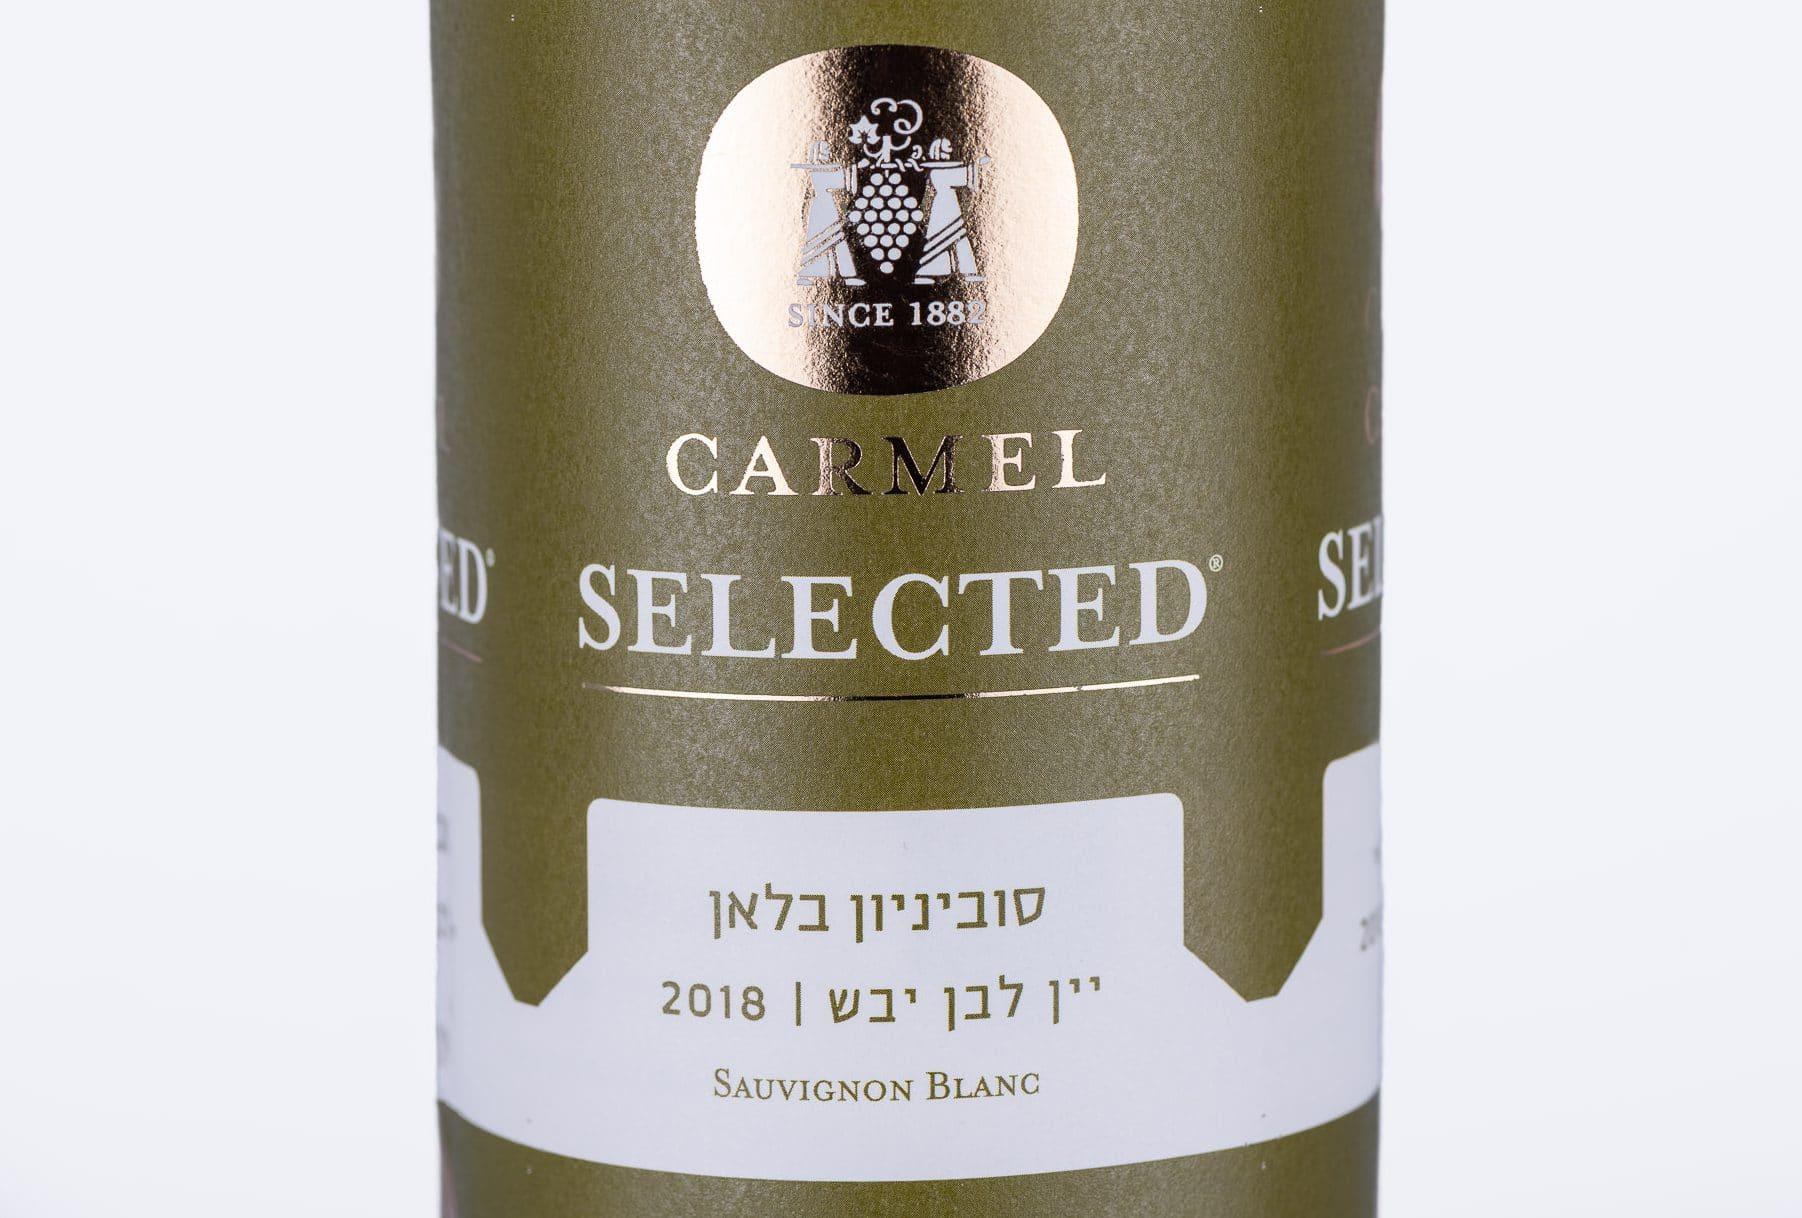 מדבקות לבקבוקים של יקבי הכרמל - CARMEL SELECTED